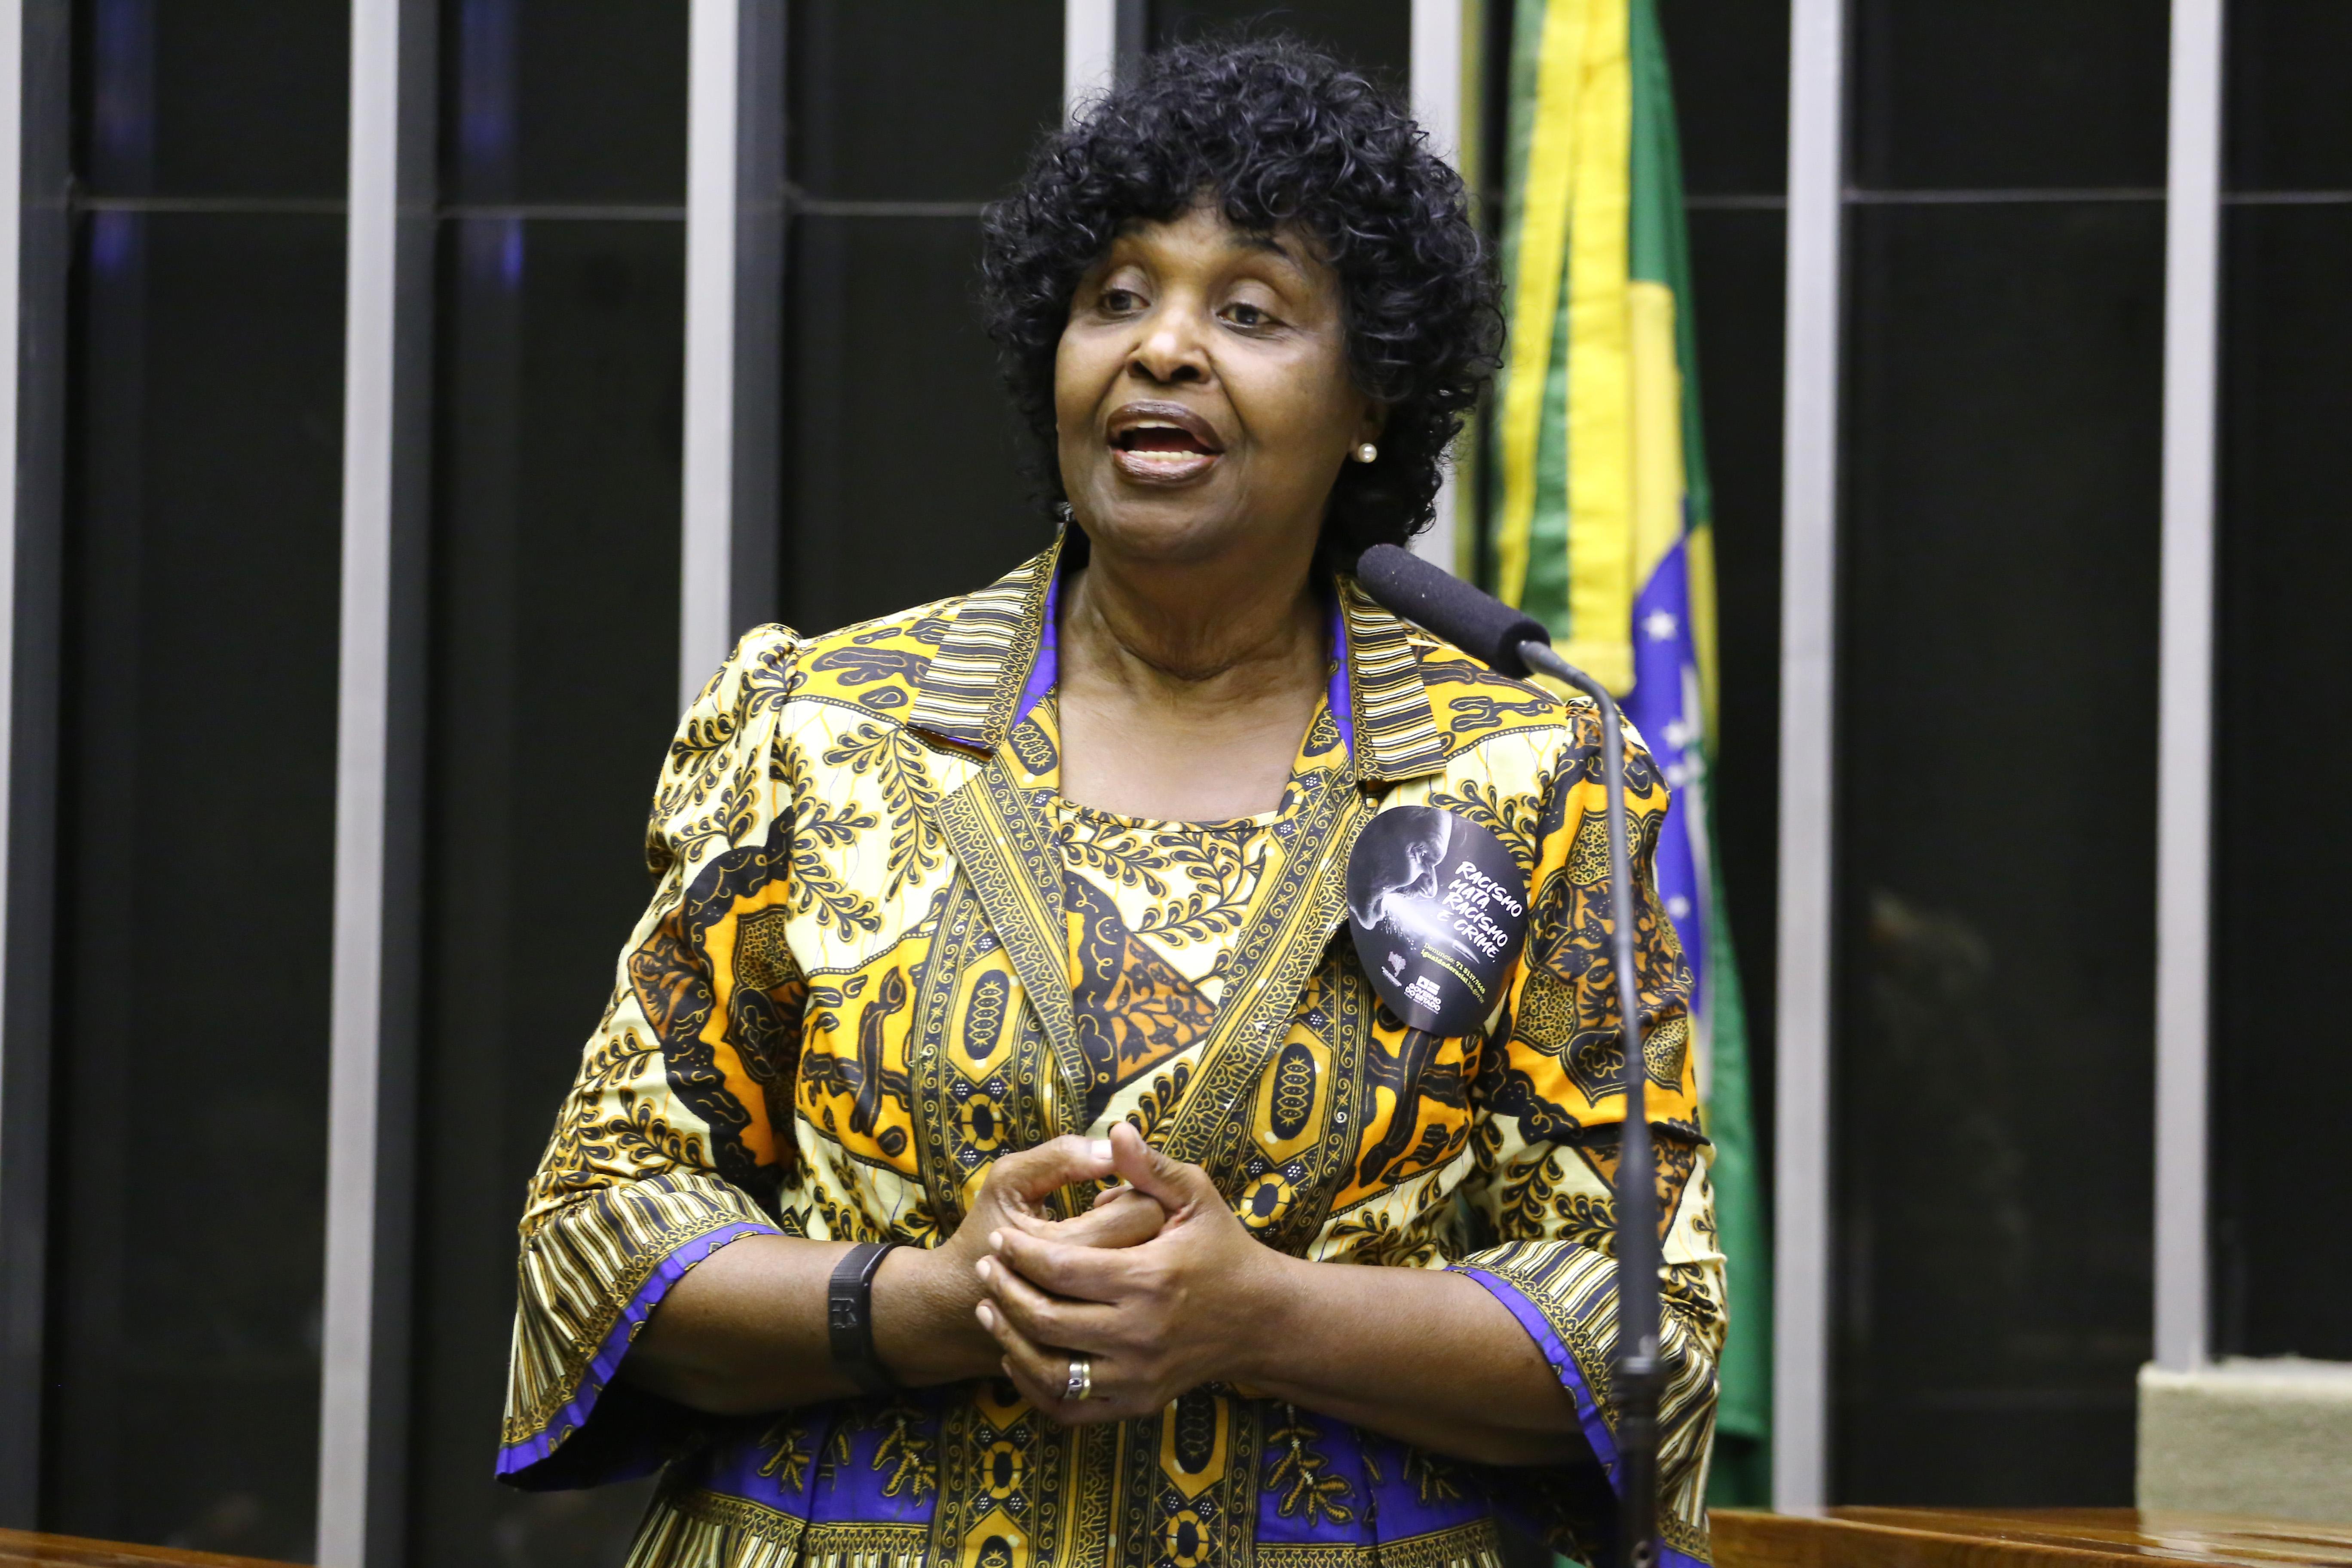 A deputada Benedita da Silva (PT/RJ), em sessão solene em homenagem ao Dia Nacional da Consciência Negra em 2019. Foto: Vinícius Loures/Câmara dos Deputados